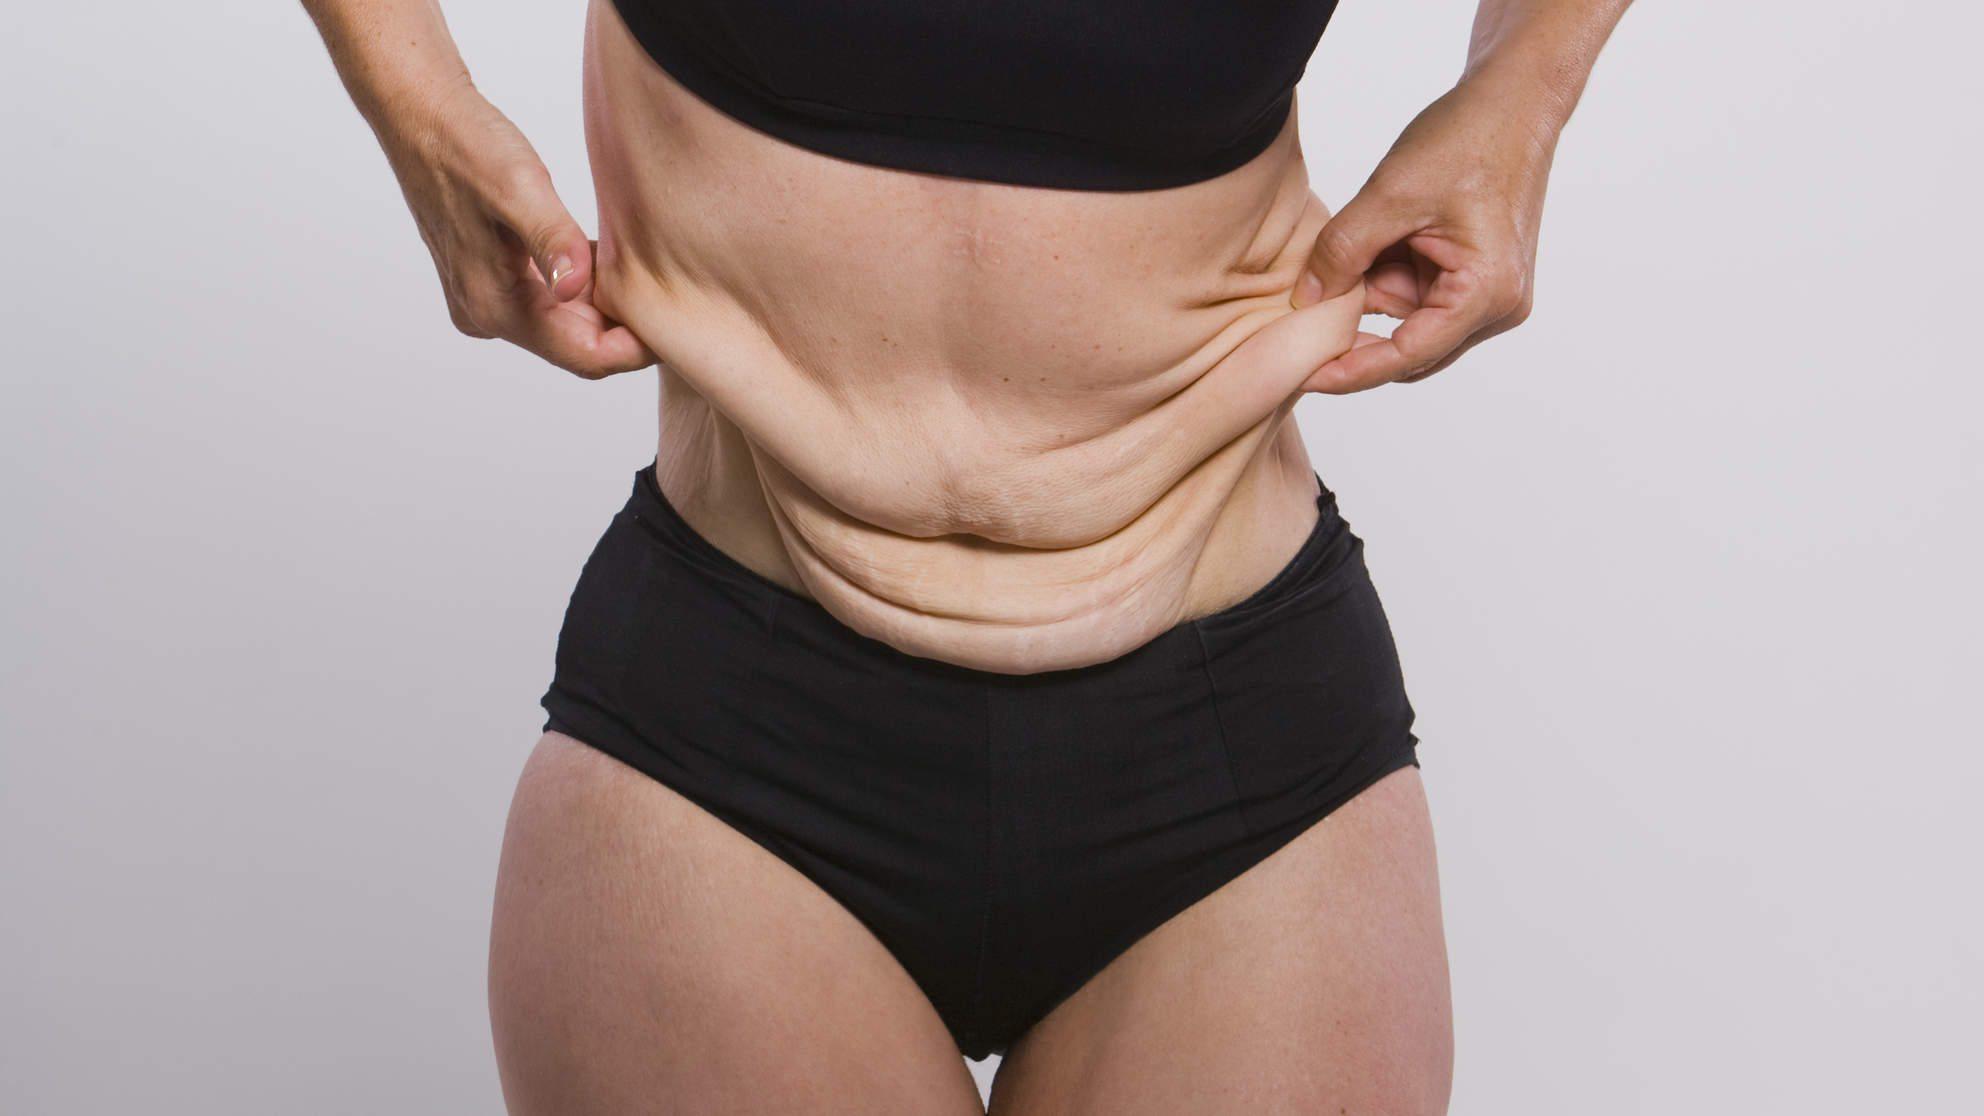 Reafirmar la piel del abdomen despues de adelgazar la